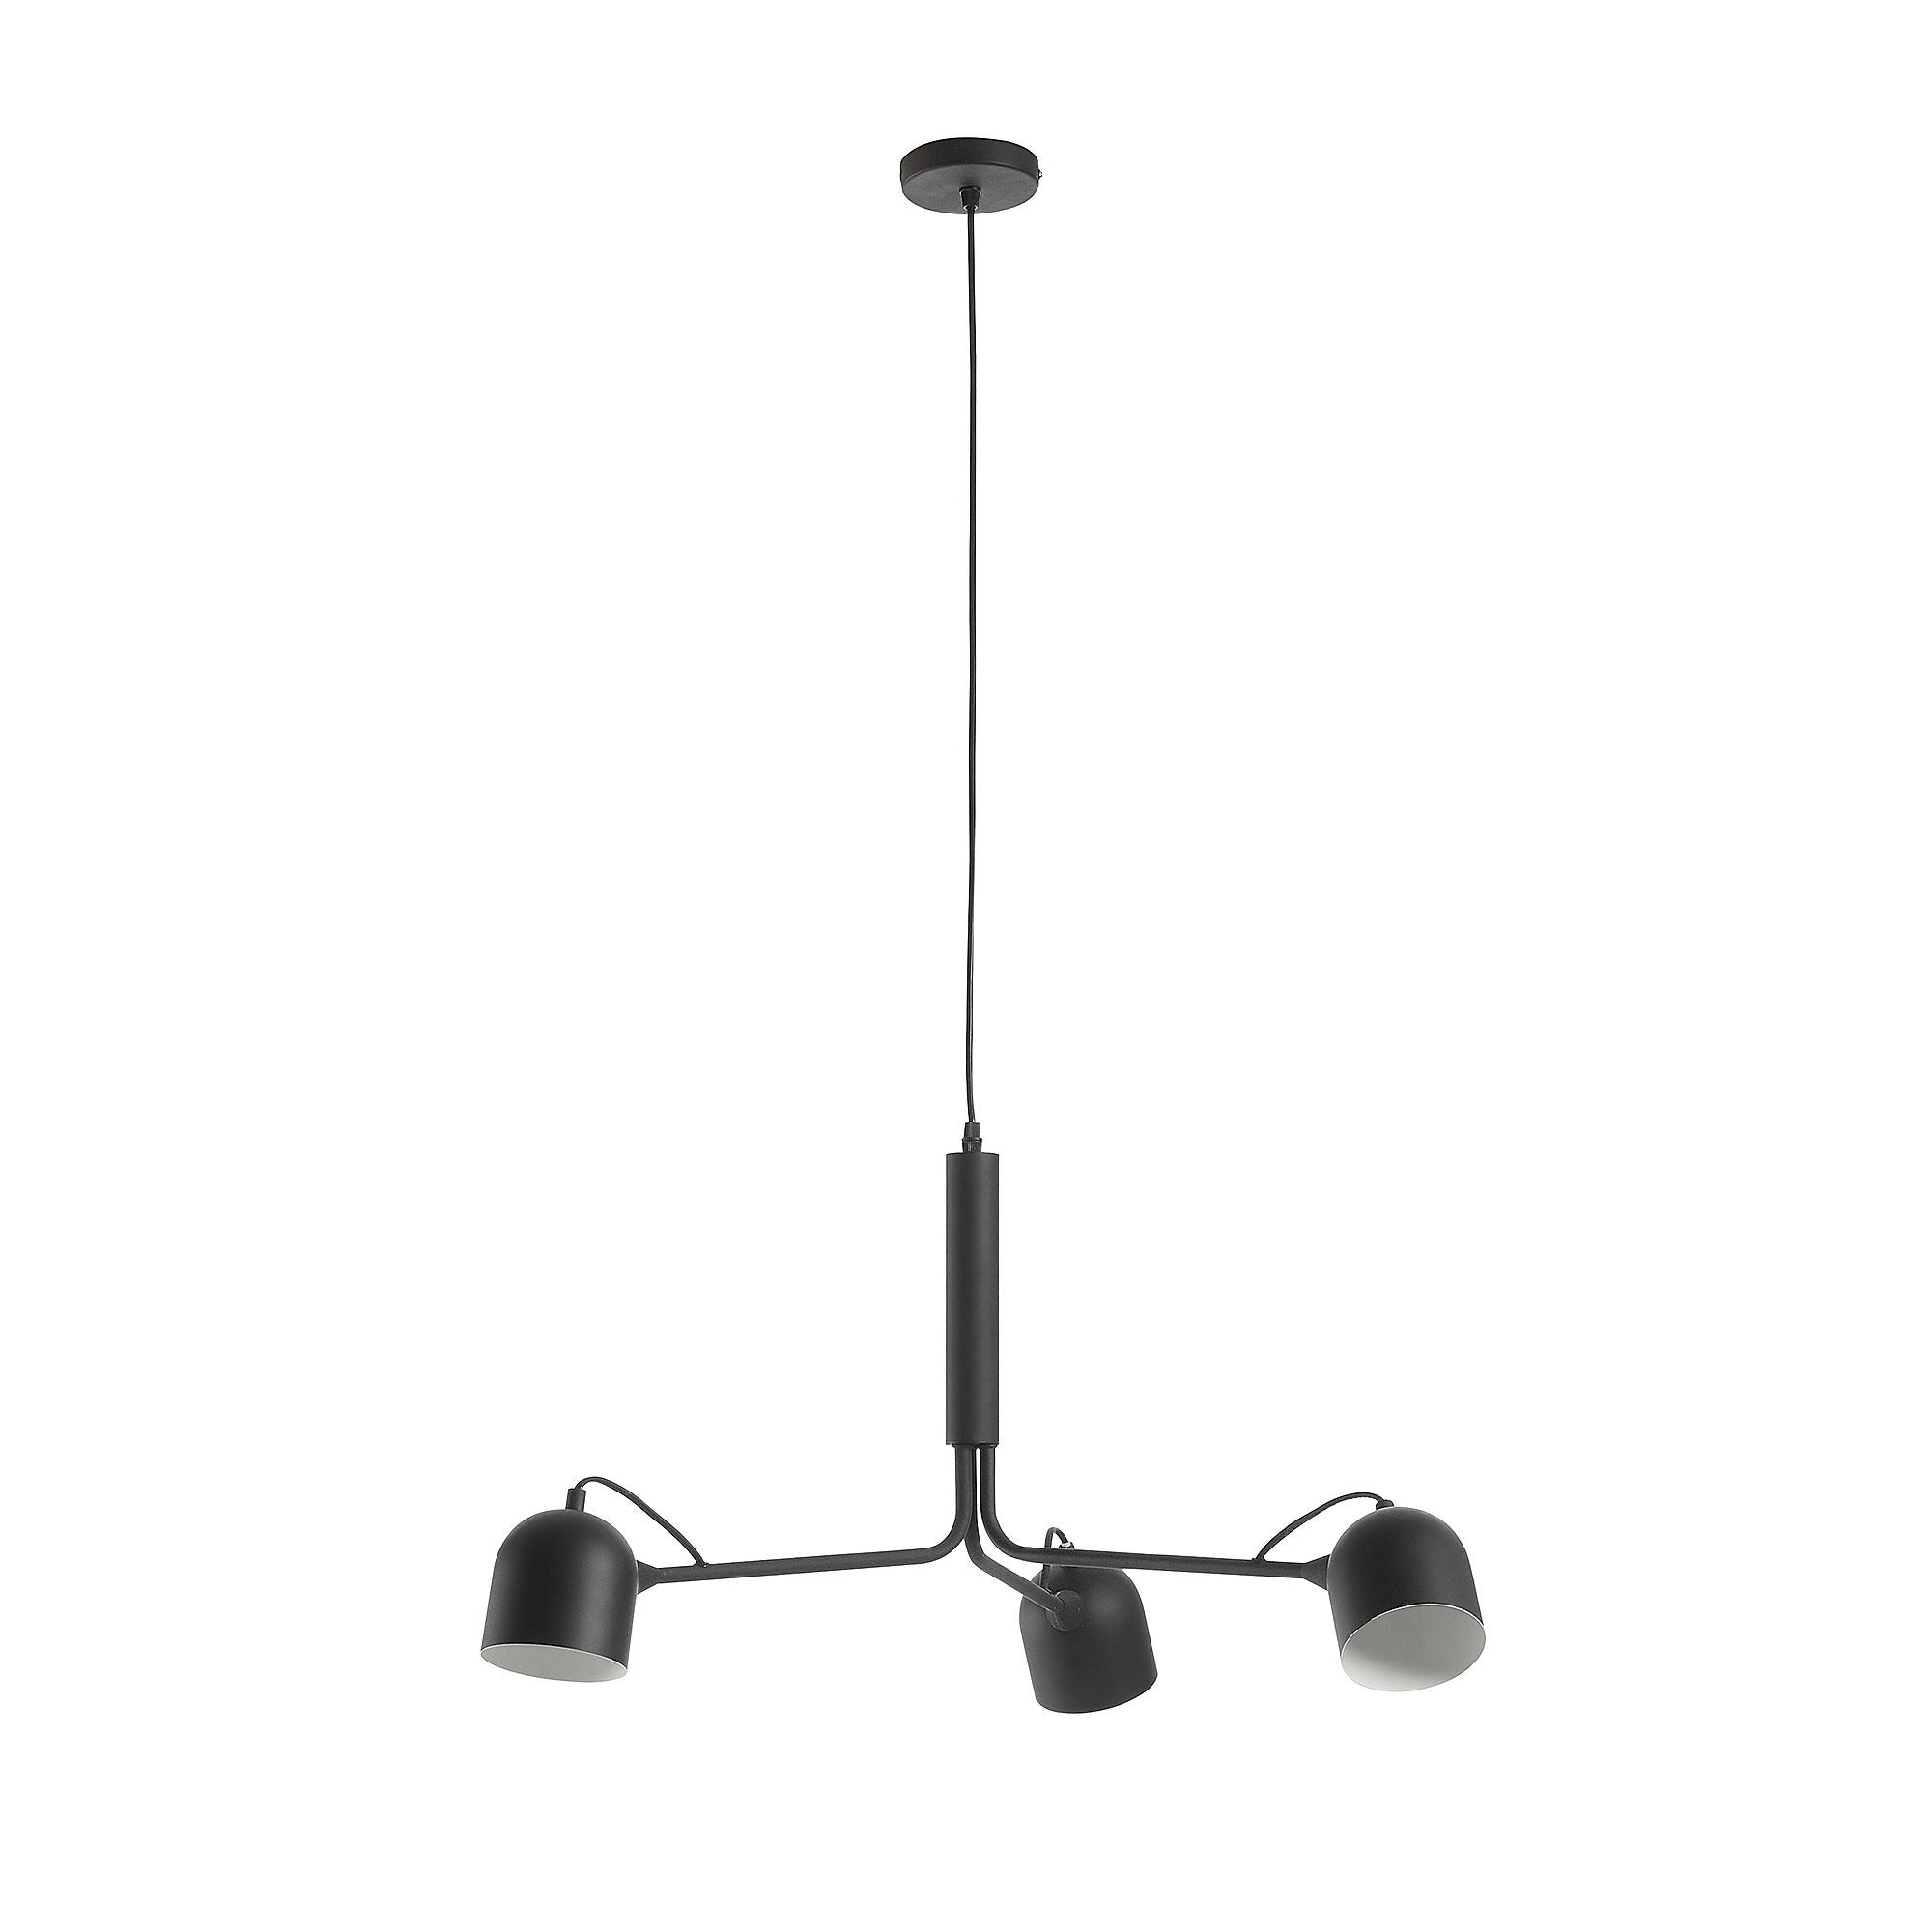 Verlichting | Hanglampen kopen van Kave Home